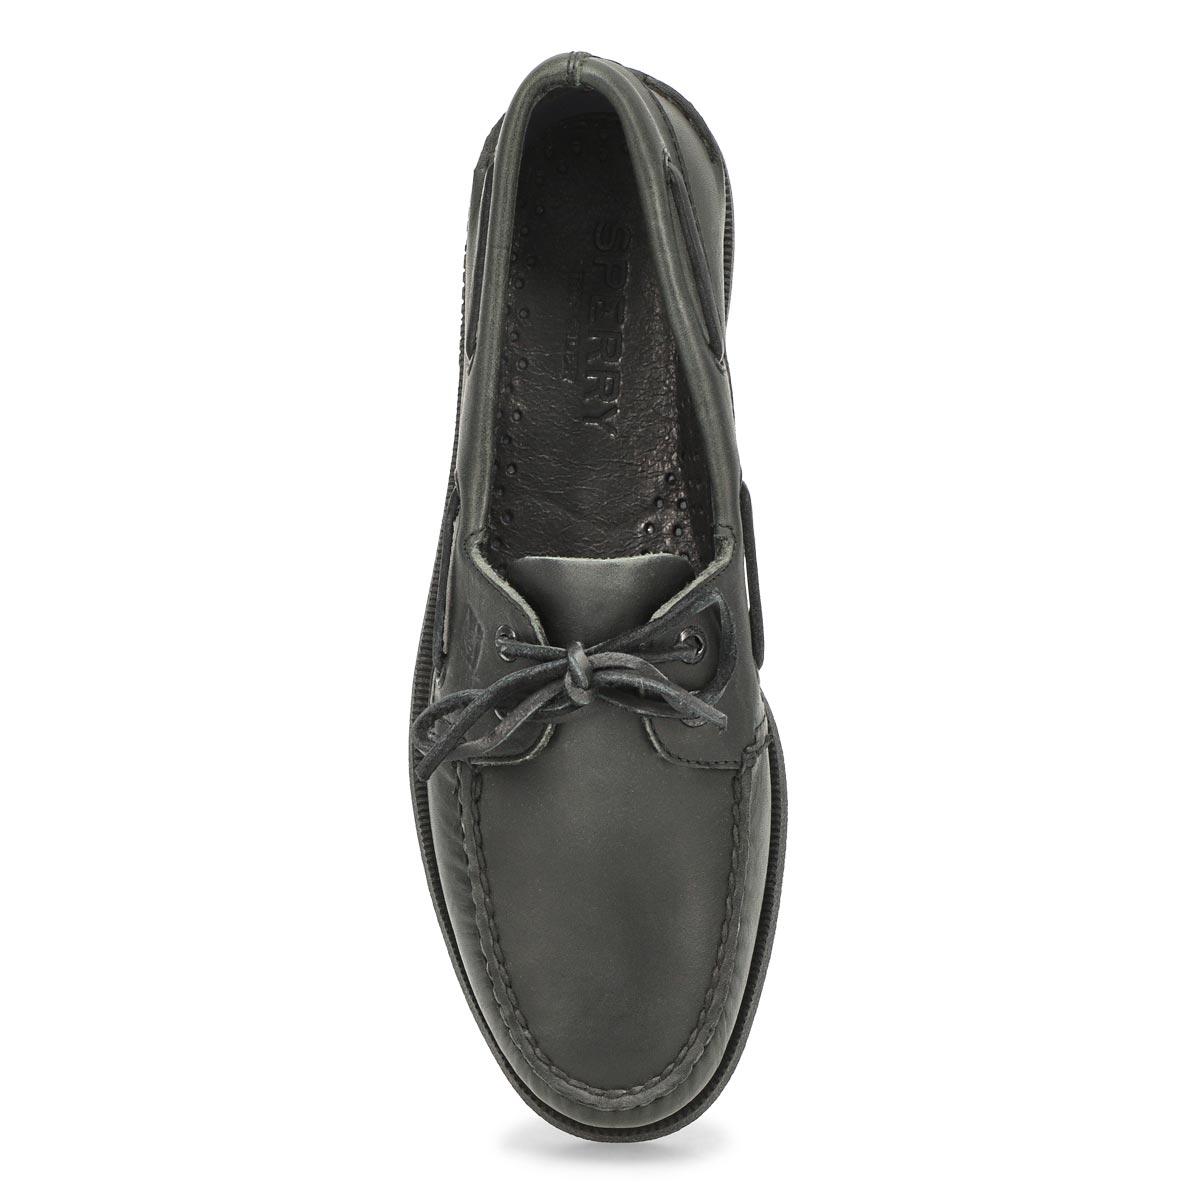 Mns A/O 2-eye black/black boat shoe